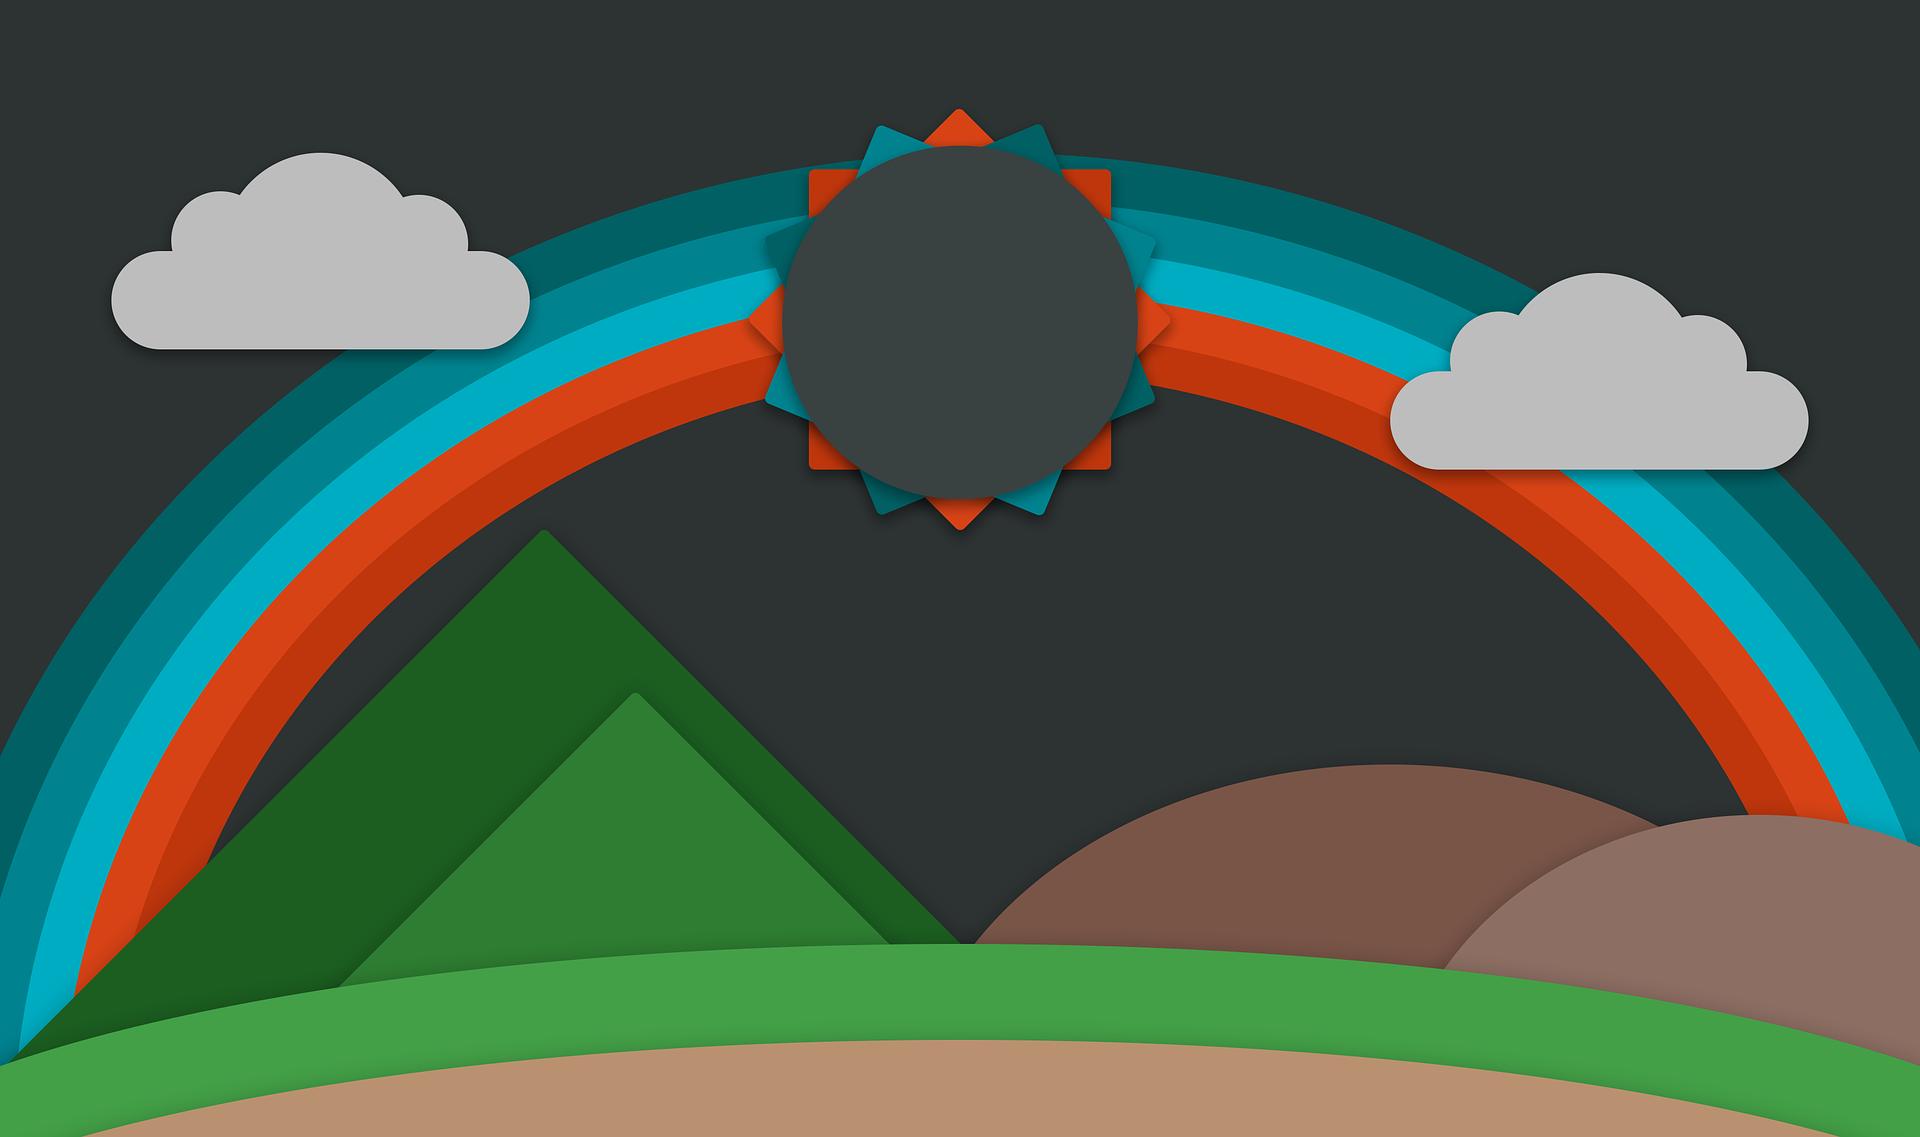 Regenbogen, Sonne, Berge, flaches design, Wolken - Wallpaper HD - Prof.-falken.com